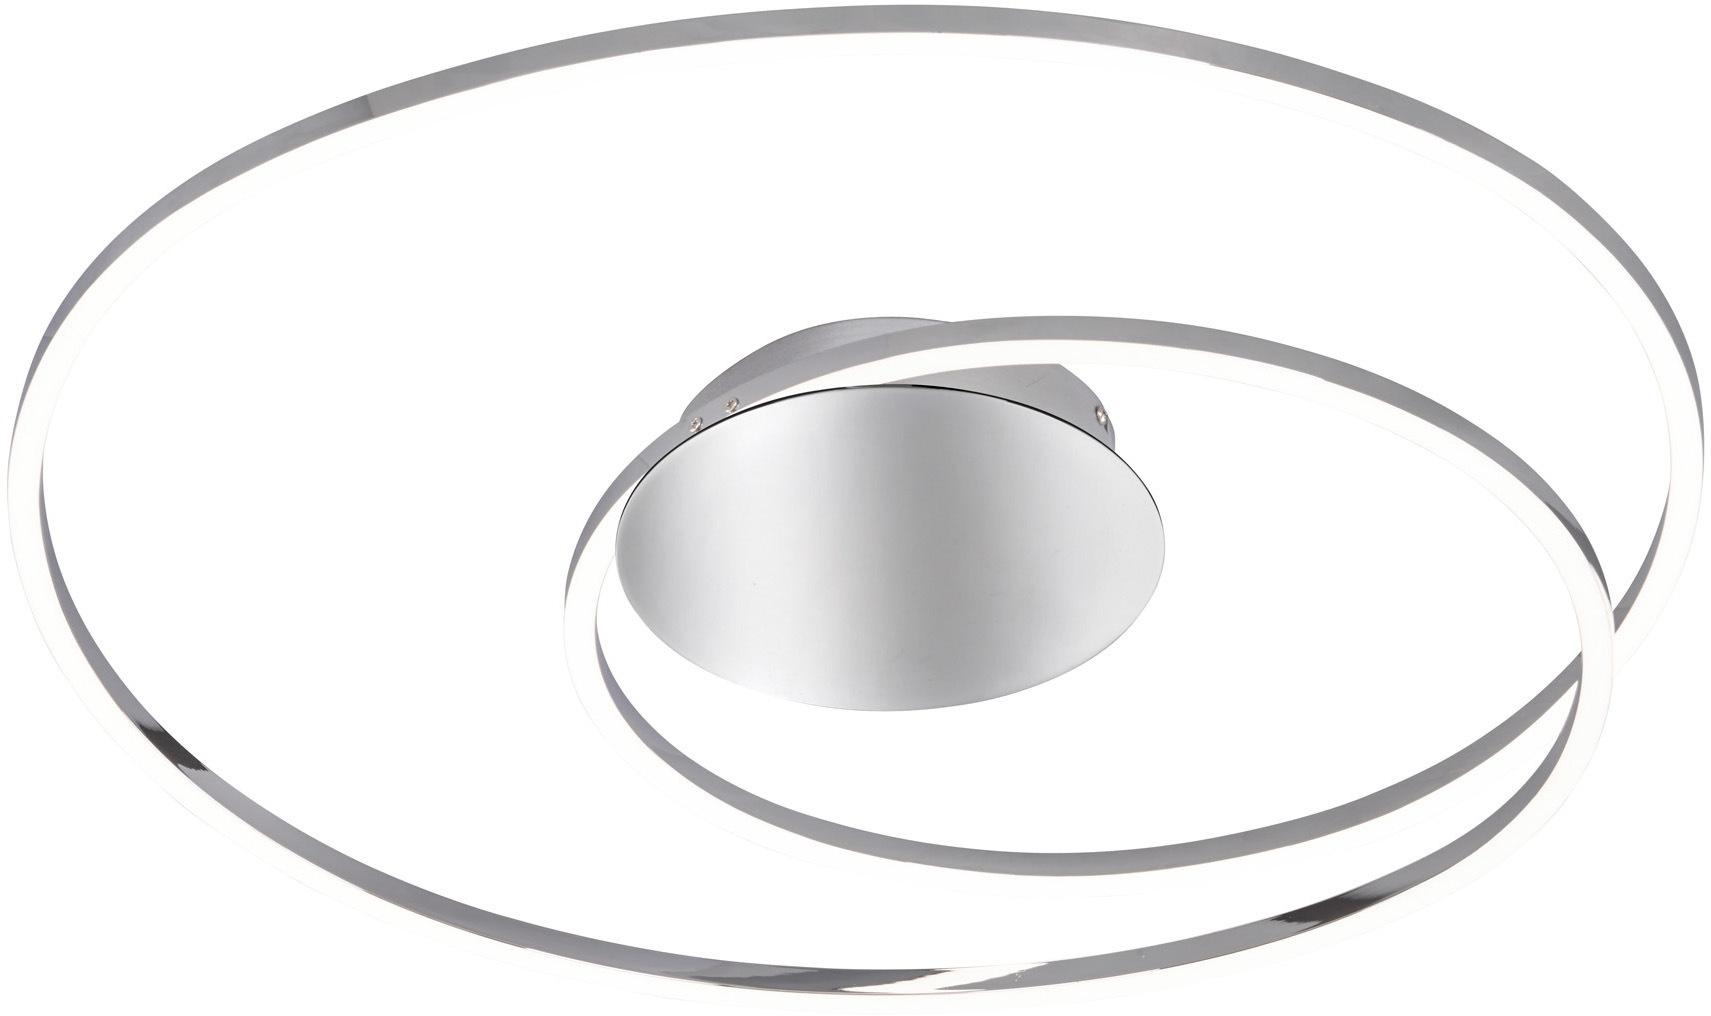 FISCHER & HONSEL LED Deckenleuchte Camp, LED-Modul, Warmweiß